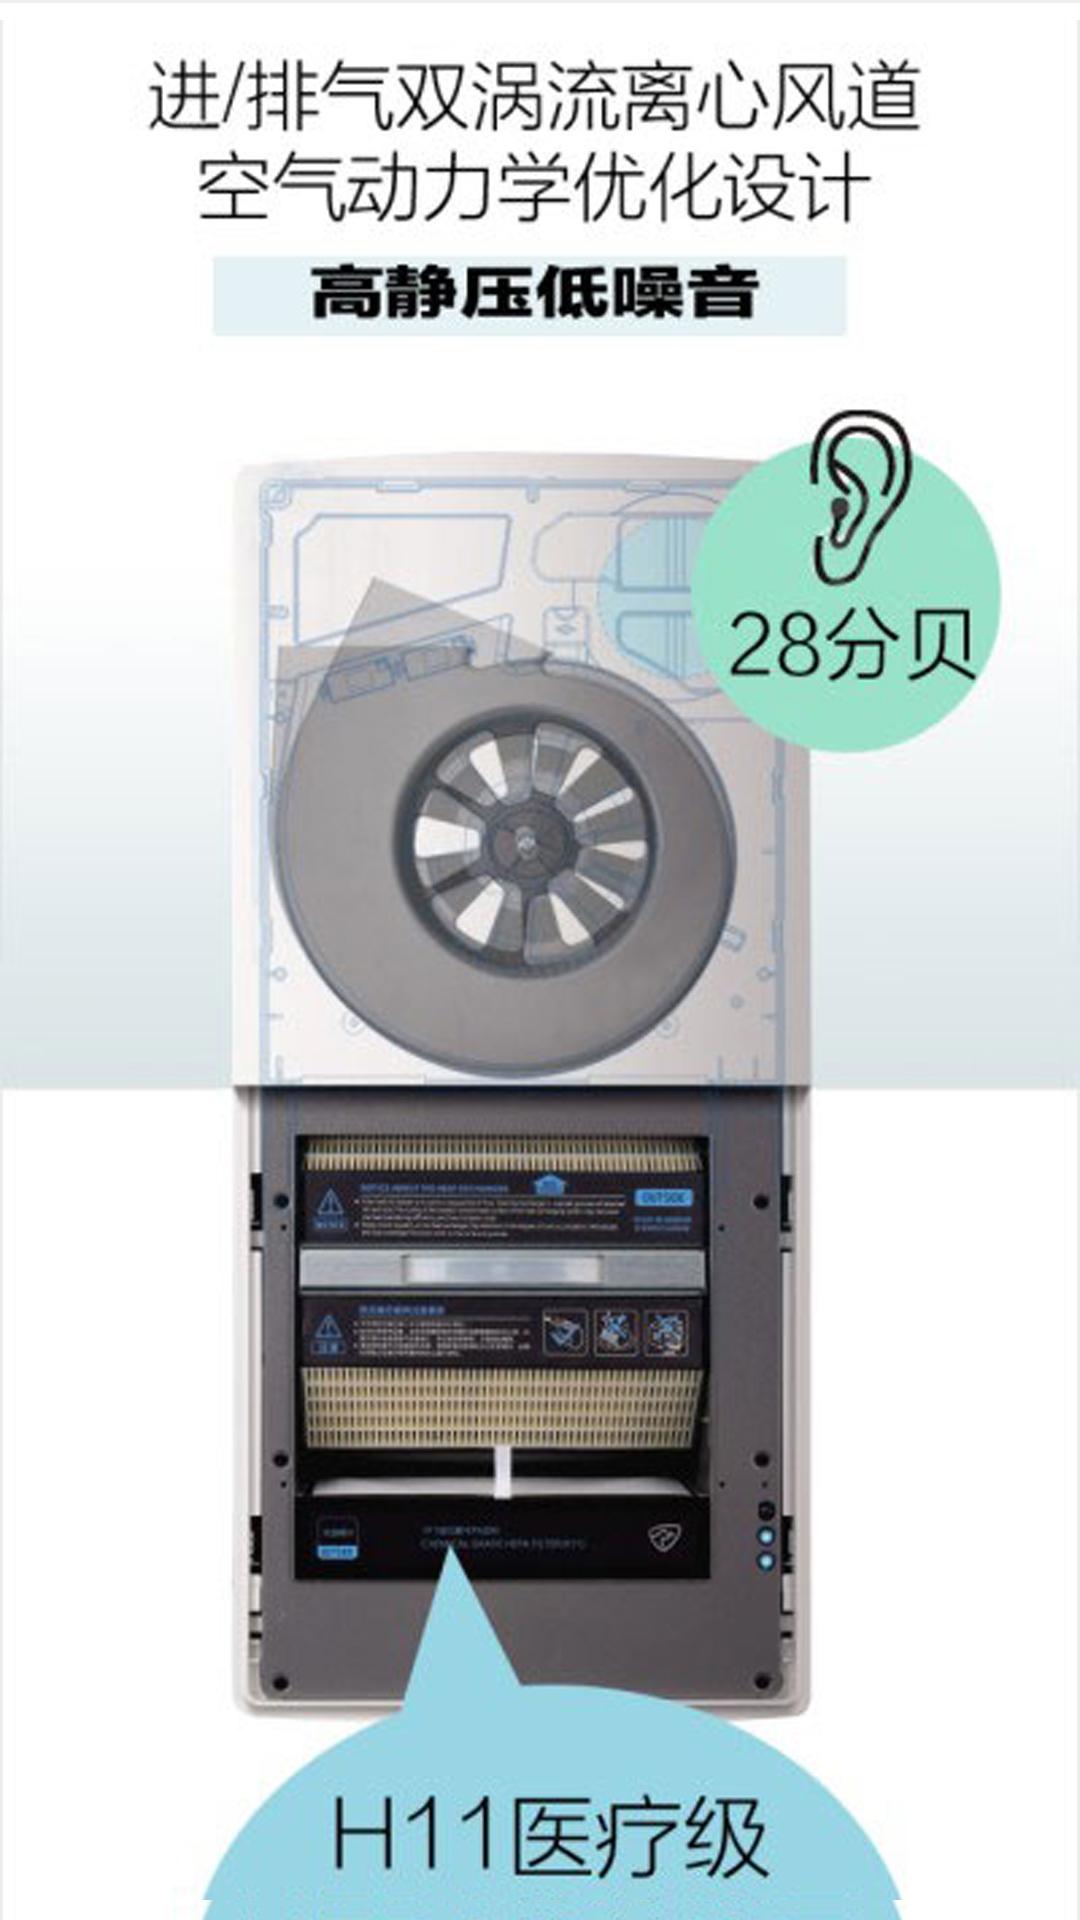 3级产品-诺克斯新风1080×1920-5副本.jpg